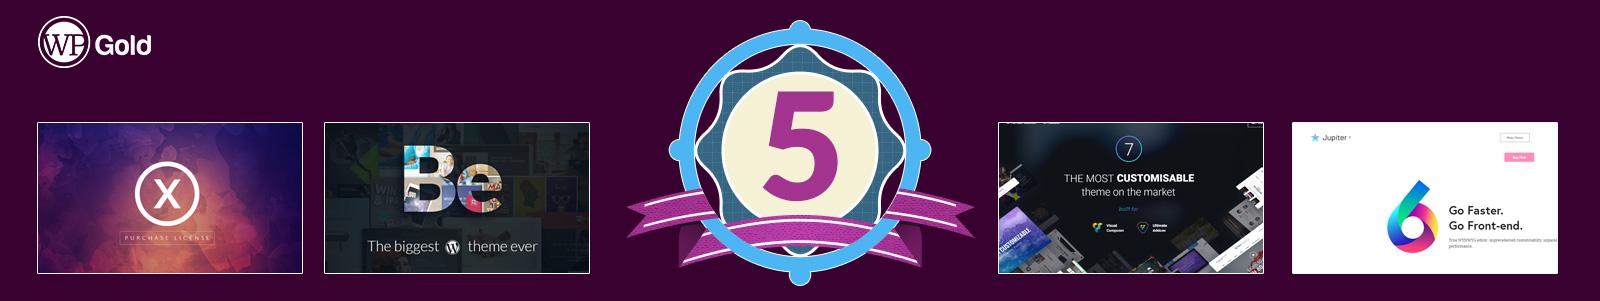 ТОП-5 наиболее кастомизированных тем WordPress